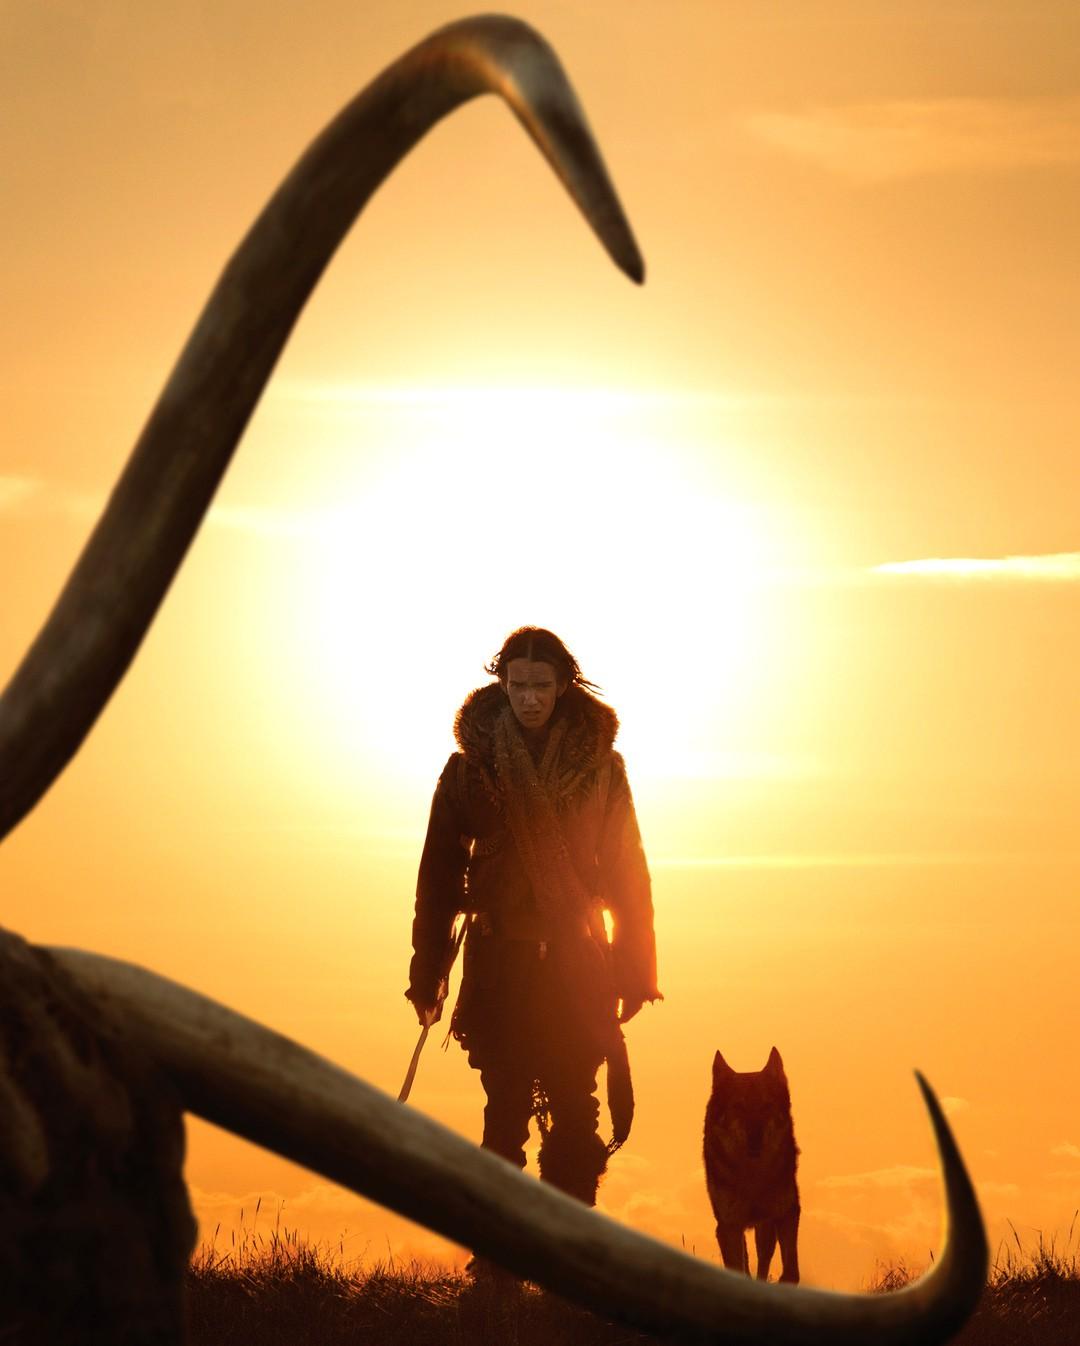 Alpha Trailer - Bild 1 von 2